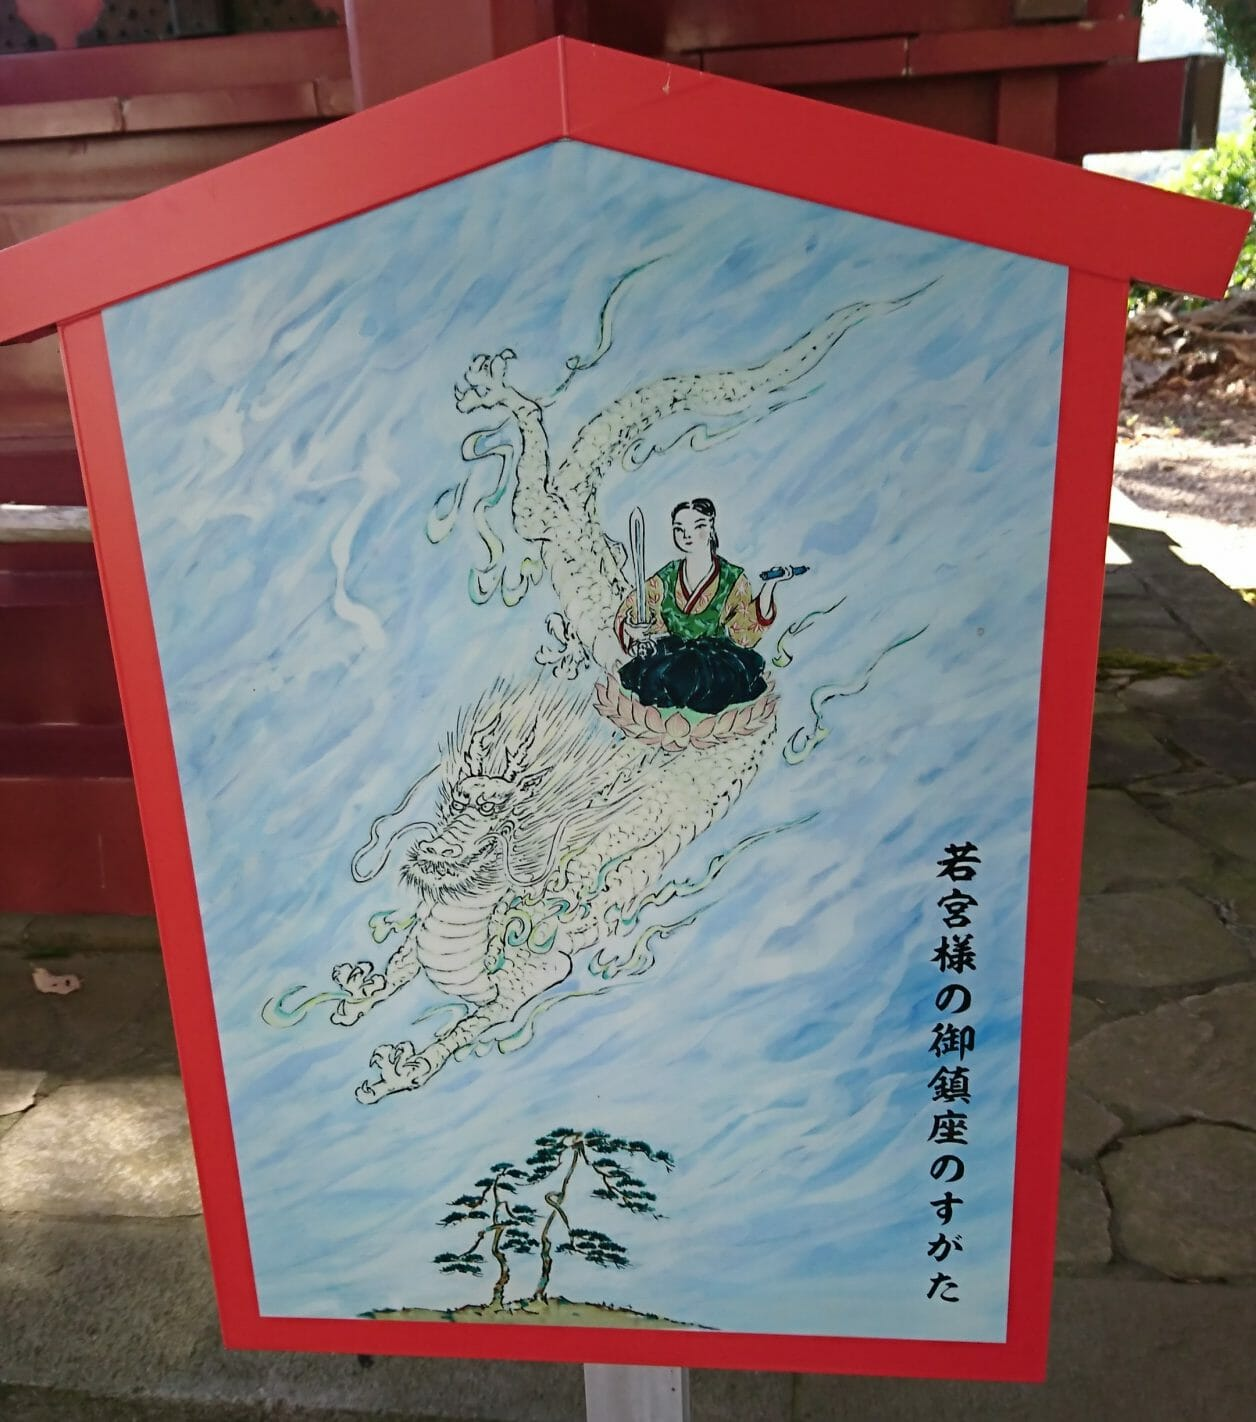 熱海の伊豆山神社の摂社雷電